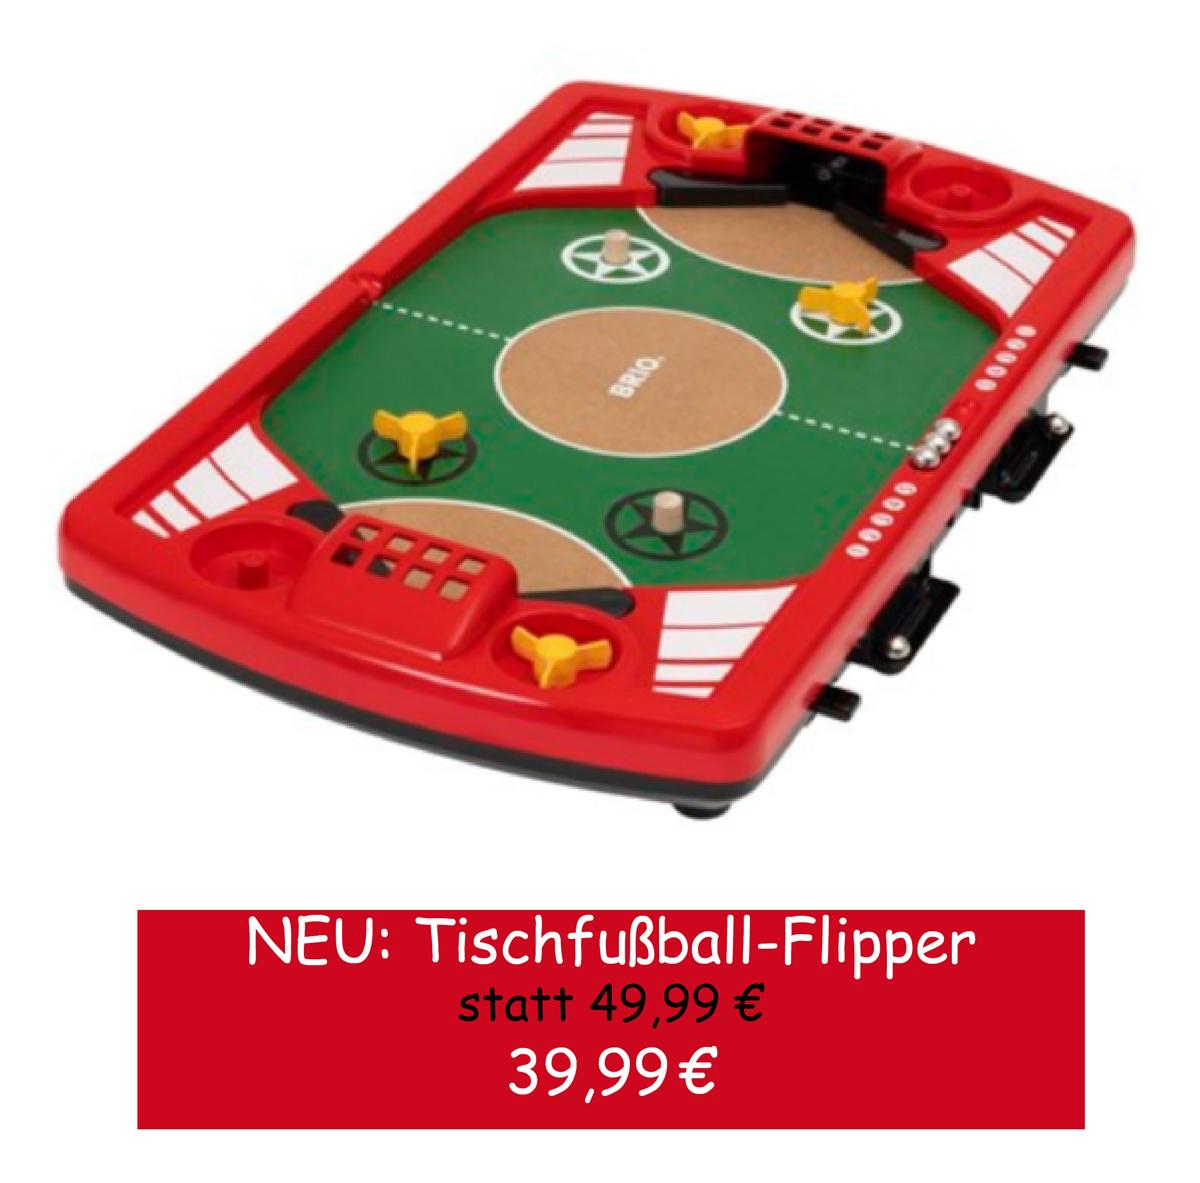 Tischfußball-Flipper